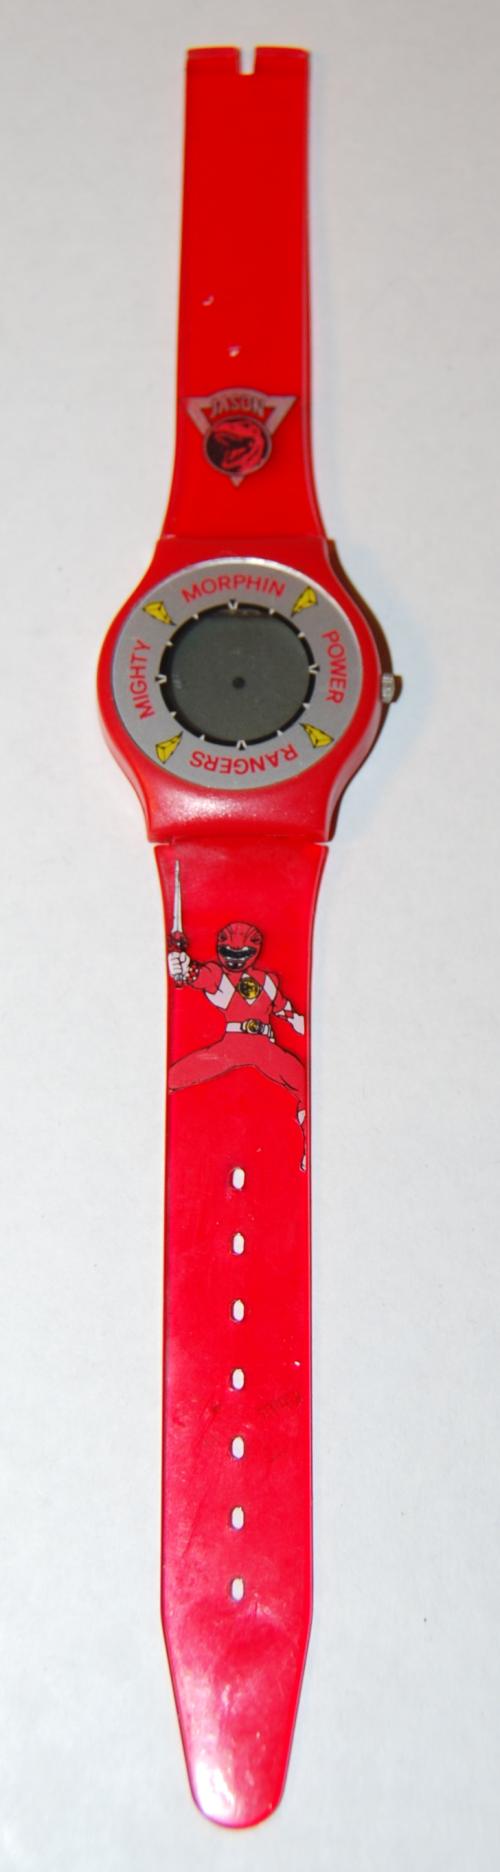 Power ranger watch